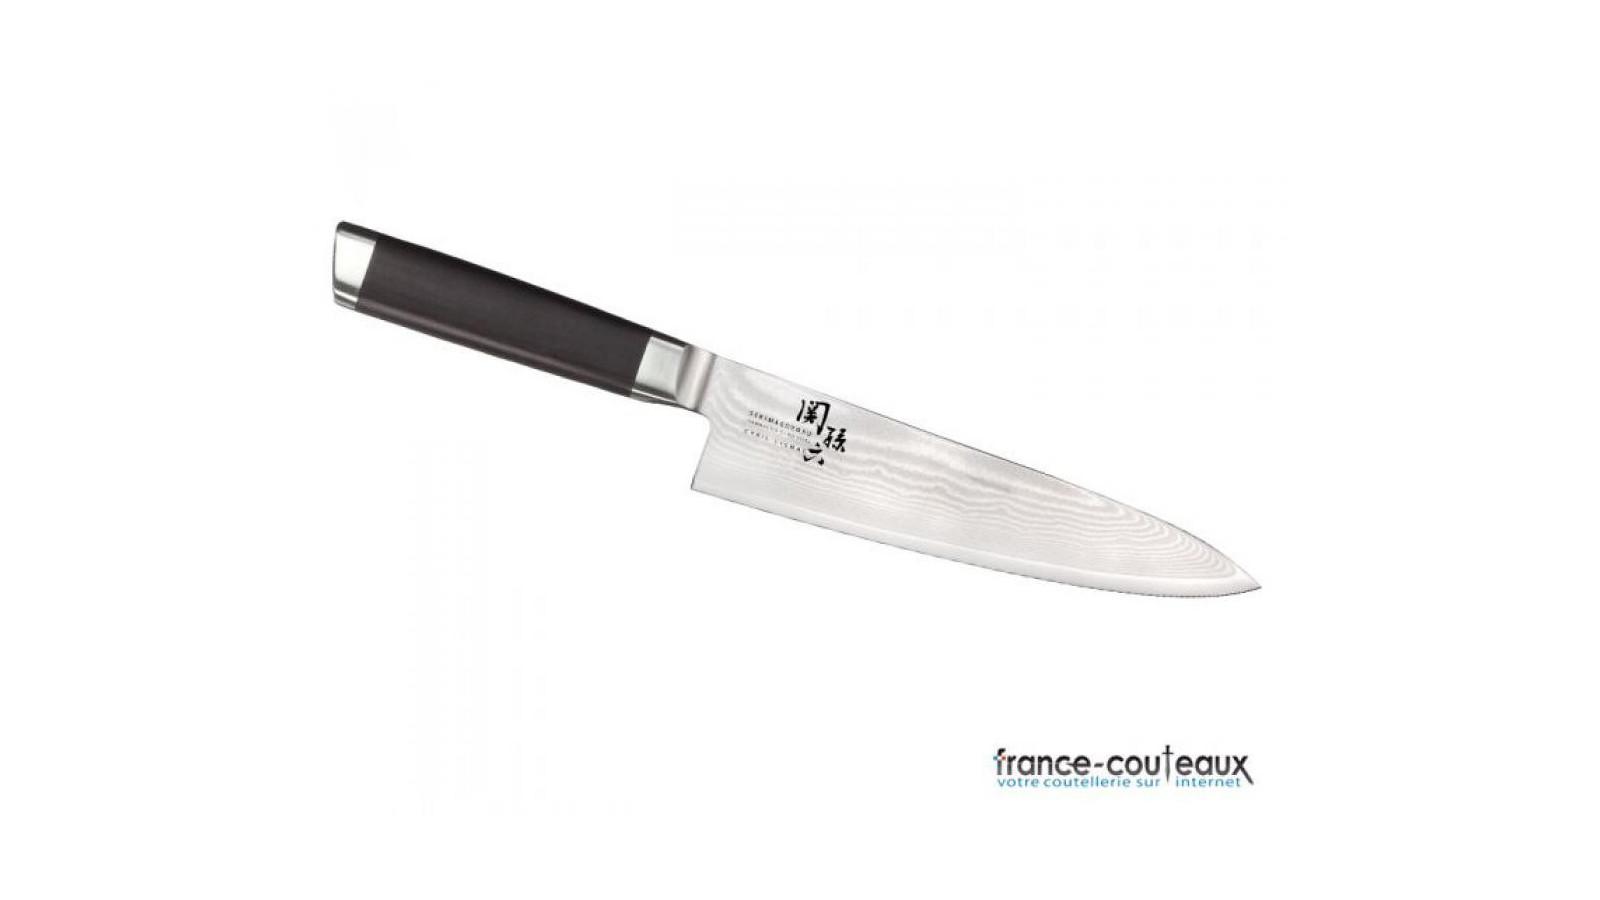 Shocker électrique rechargeable Keyshock+ Electromax EM6 - 2400KV